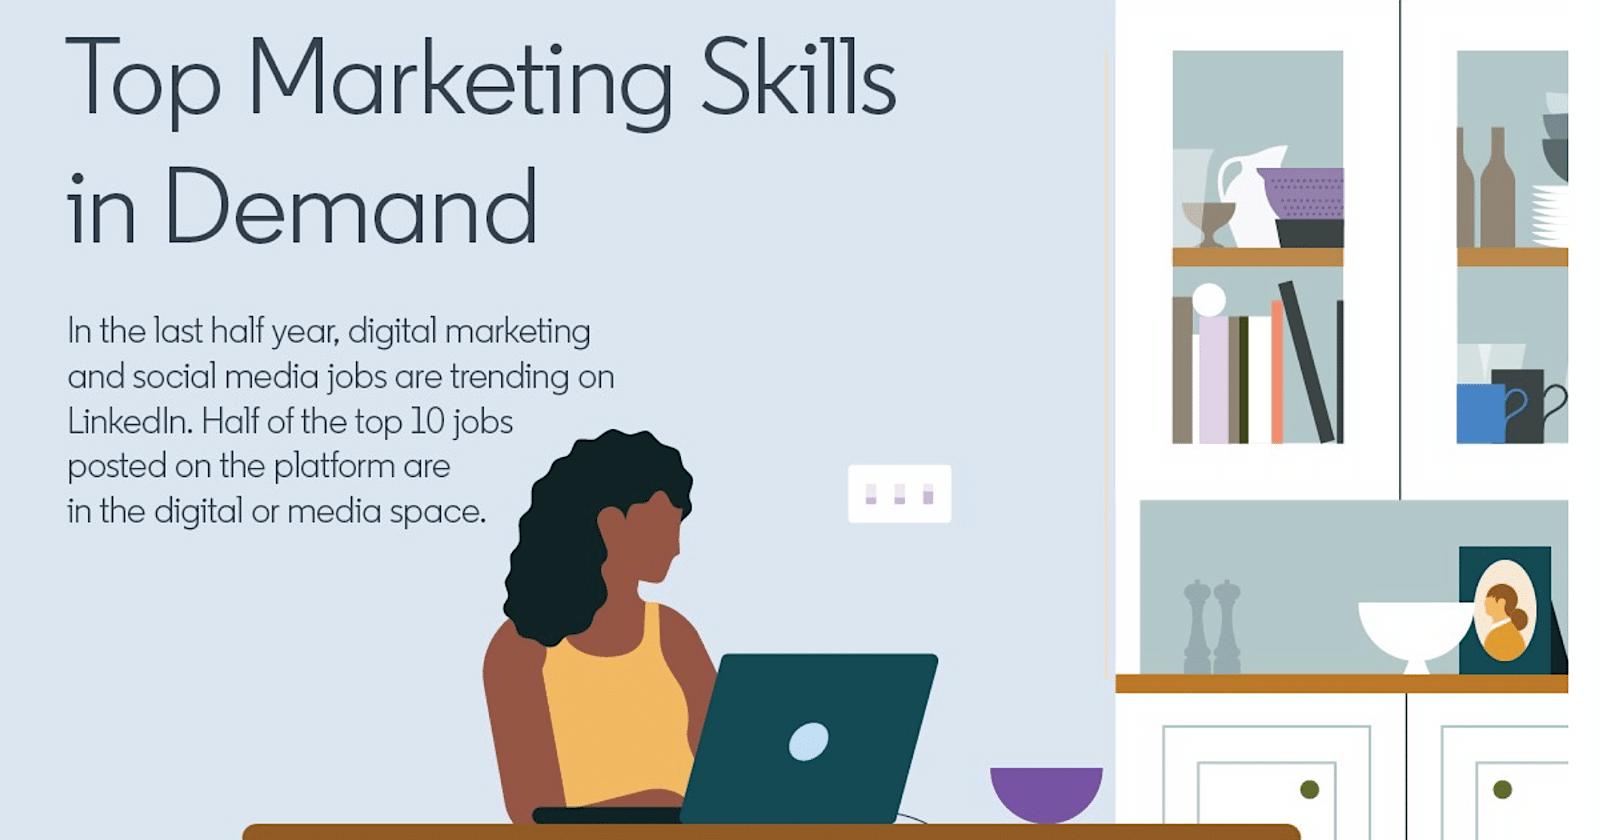 LinkedIn Lists Top 10 In-Demand Marketing Skills via @sejournal, @MattGSouthern